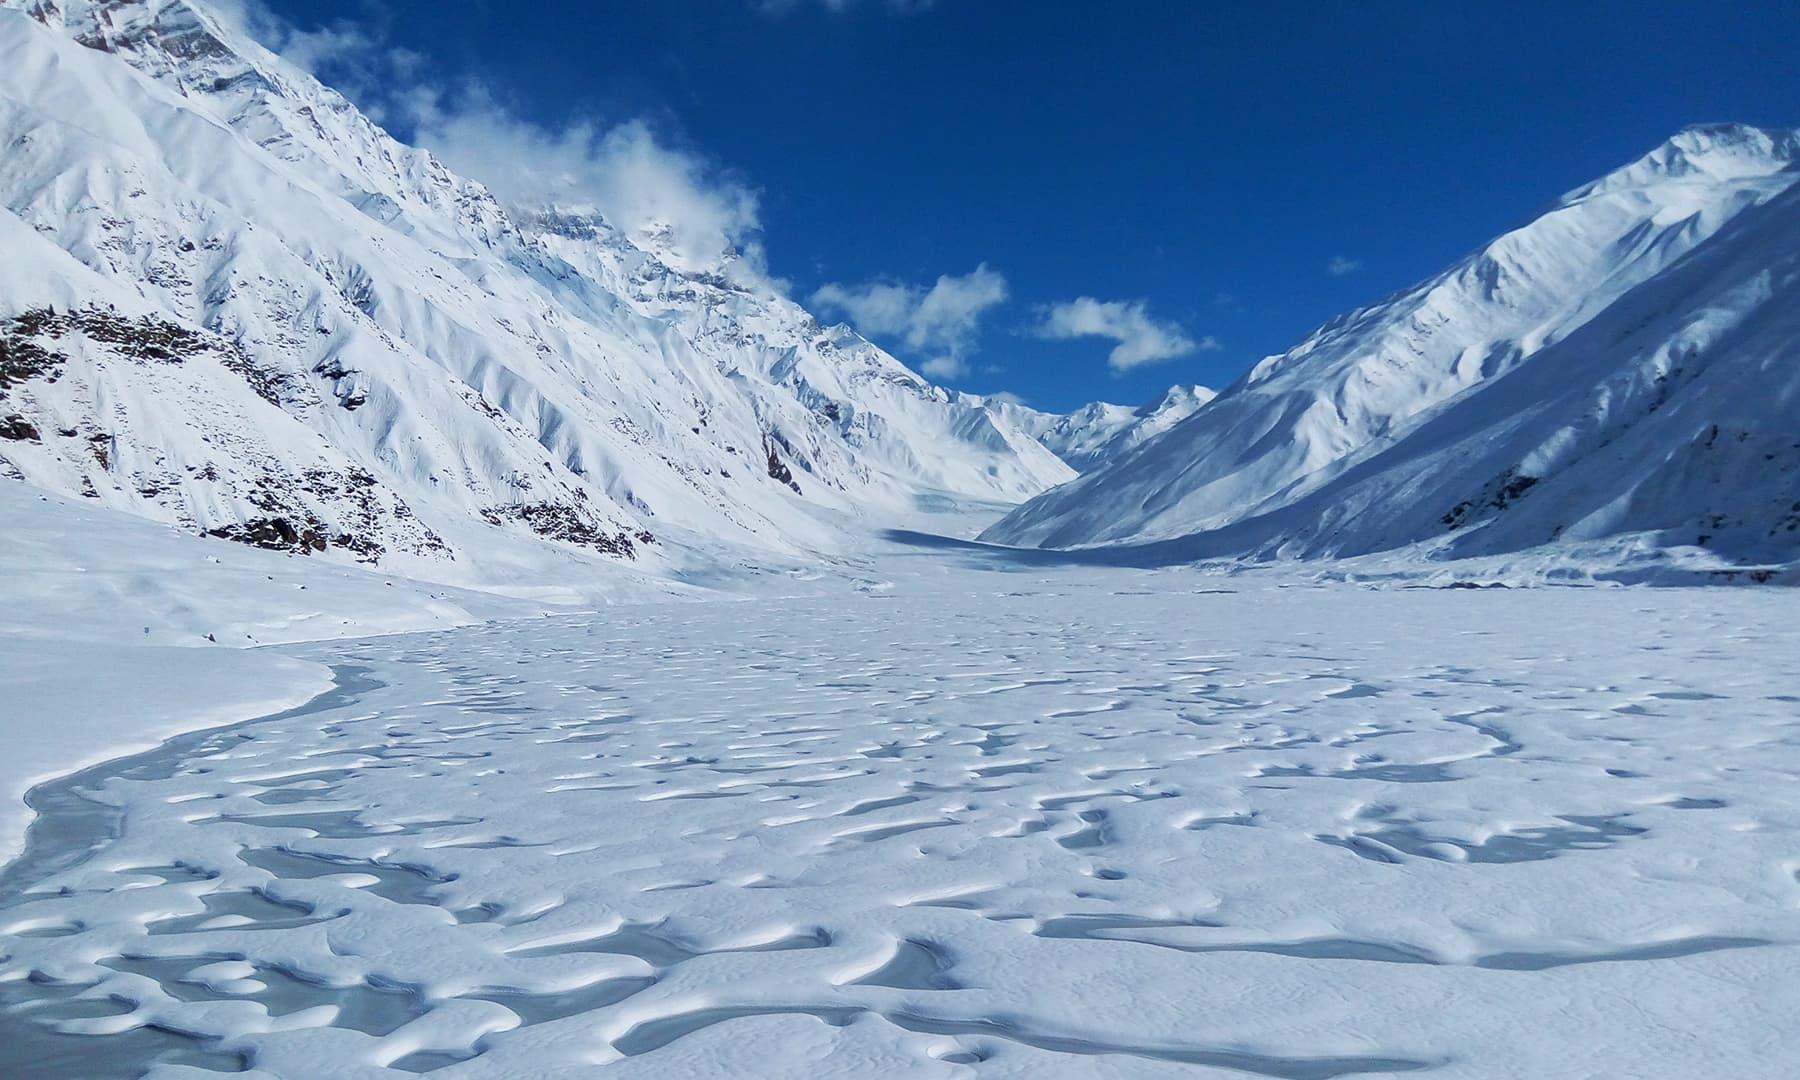 تازہ برف کی وجہ سے جھیل کا پانی پوری طرح جم گیا تھا—تصویر عظمت اکبر